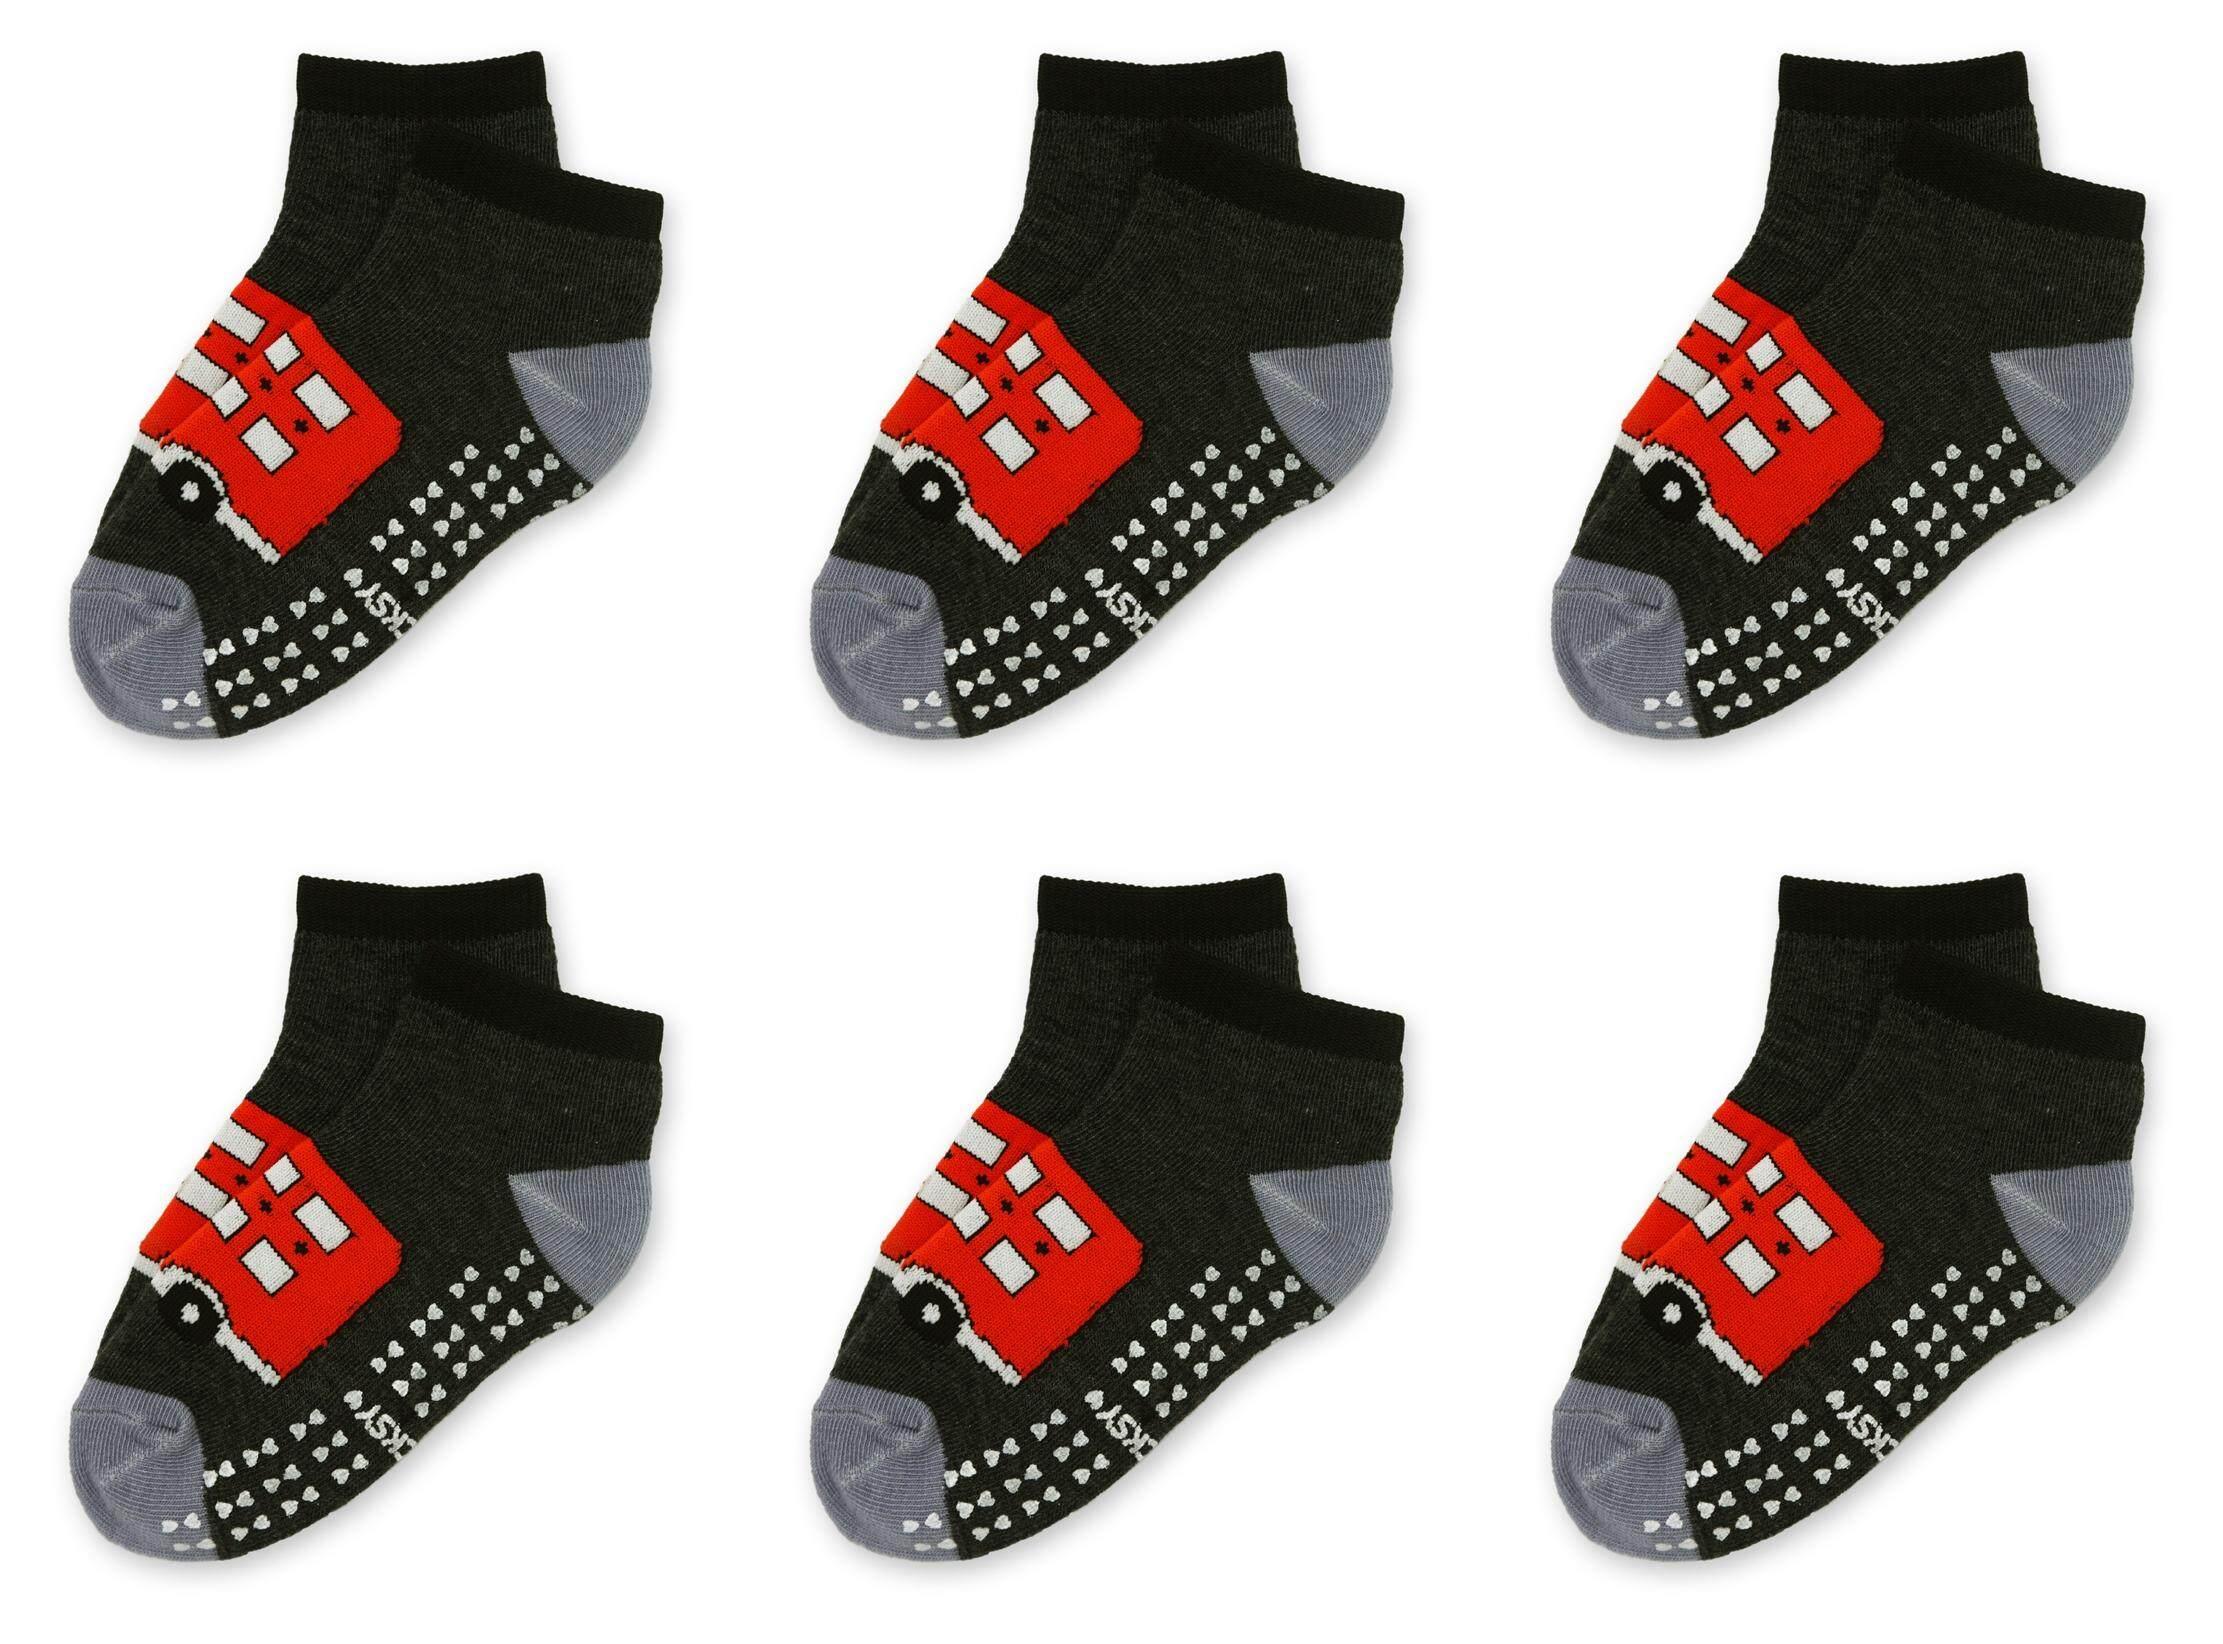 ถุงเท้าแฟชั่นเด็กมาพร้อมยางกันลื่น สำหรับเด็กอายุ 4-6 ปี  แพ็ค 6 คู่